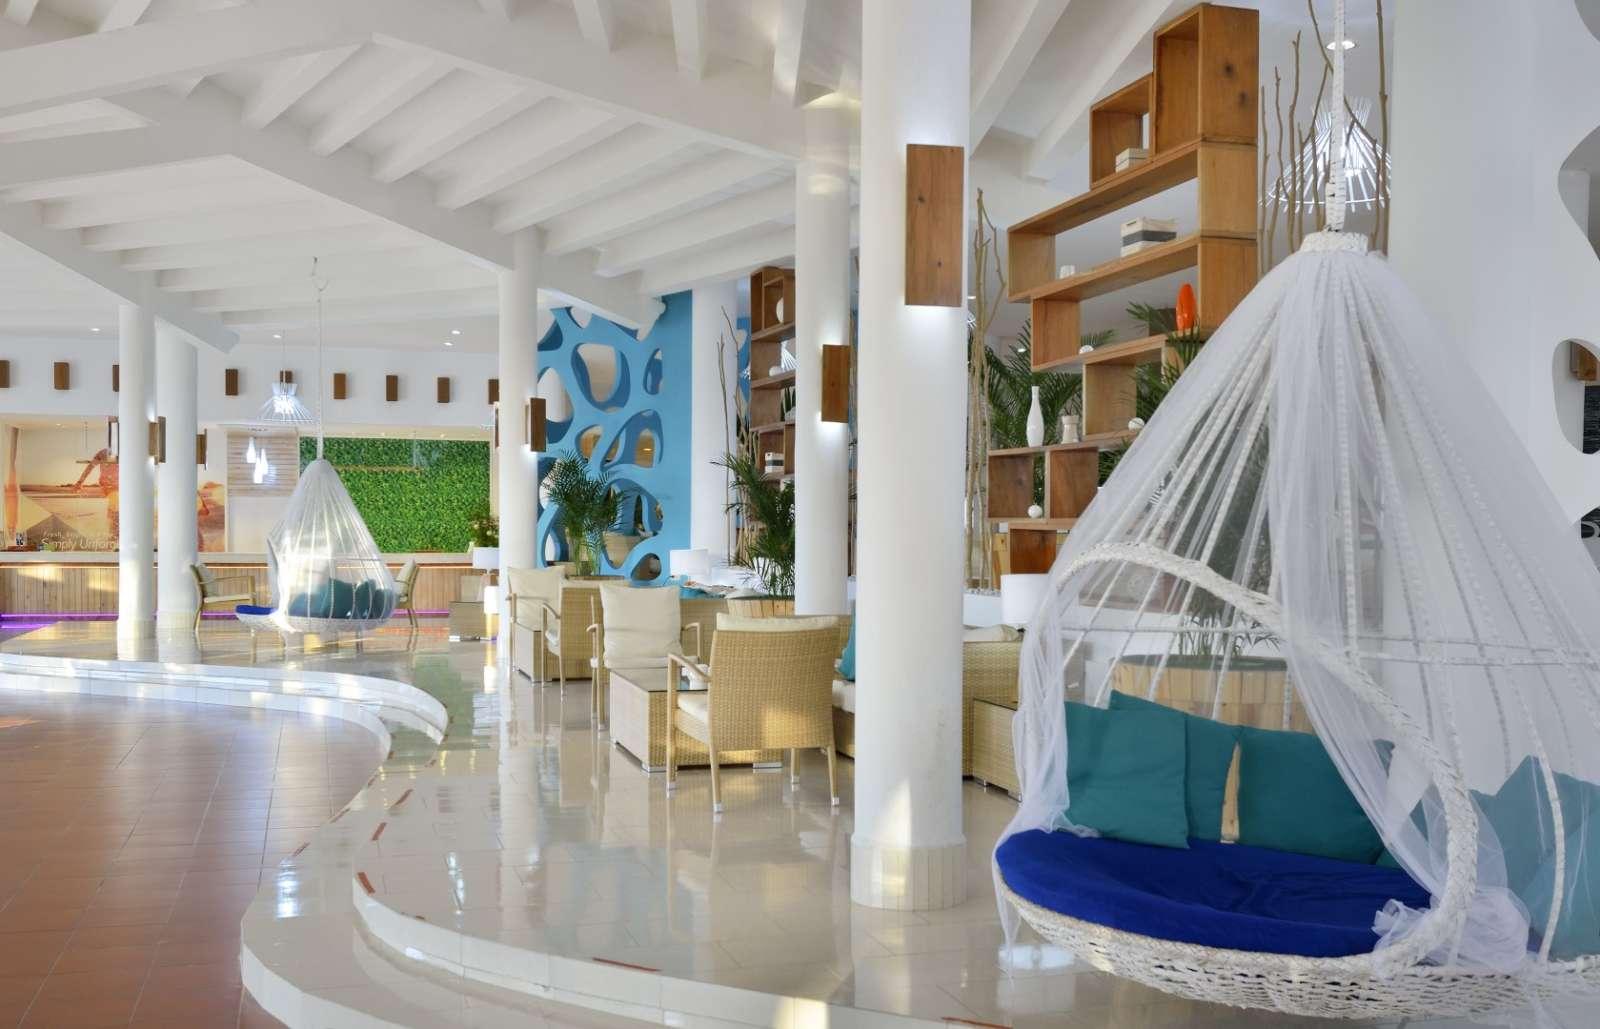 Lobby at Sol Rio De Luna Y Mares